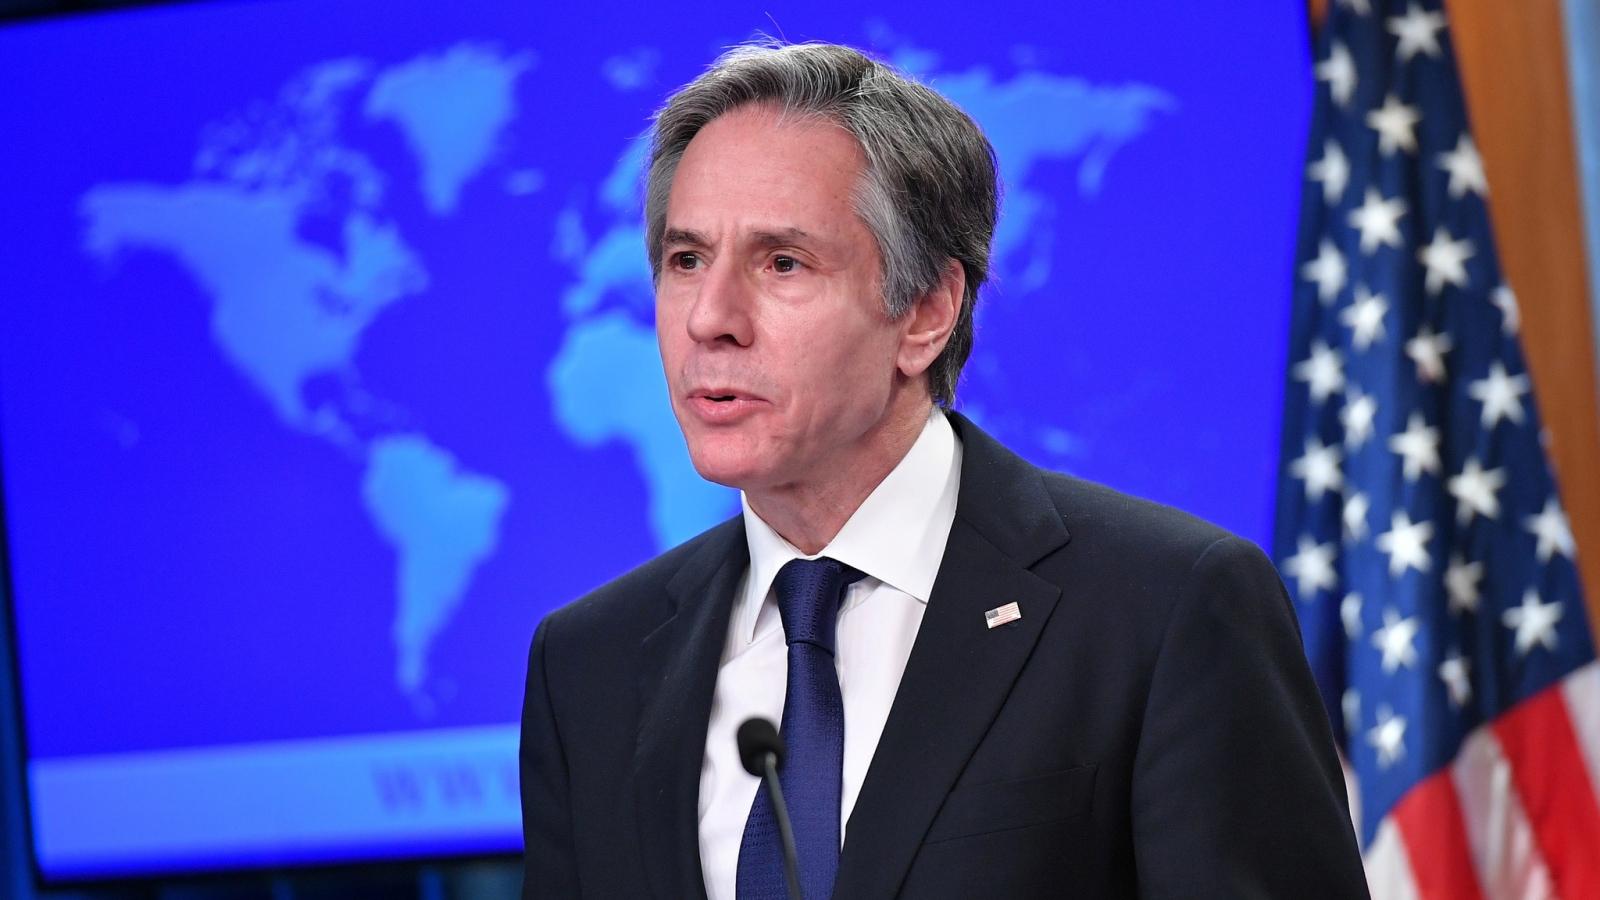 Mỹ cam kết bảo vệ Philippines, cảnh báo hành động phi pháp của Trung Quốc ở Biển Đông